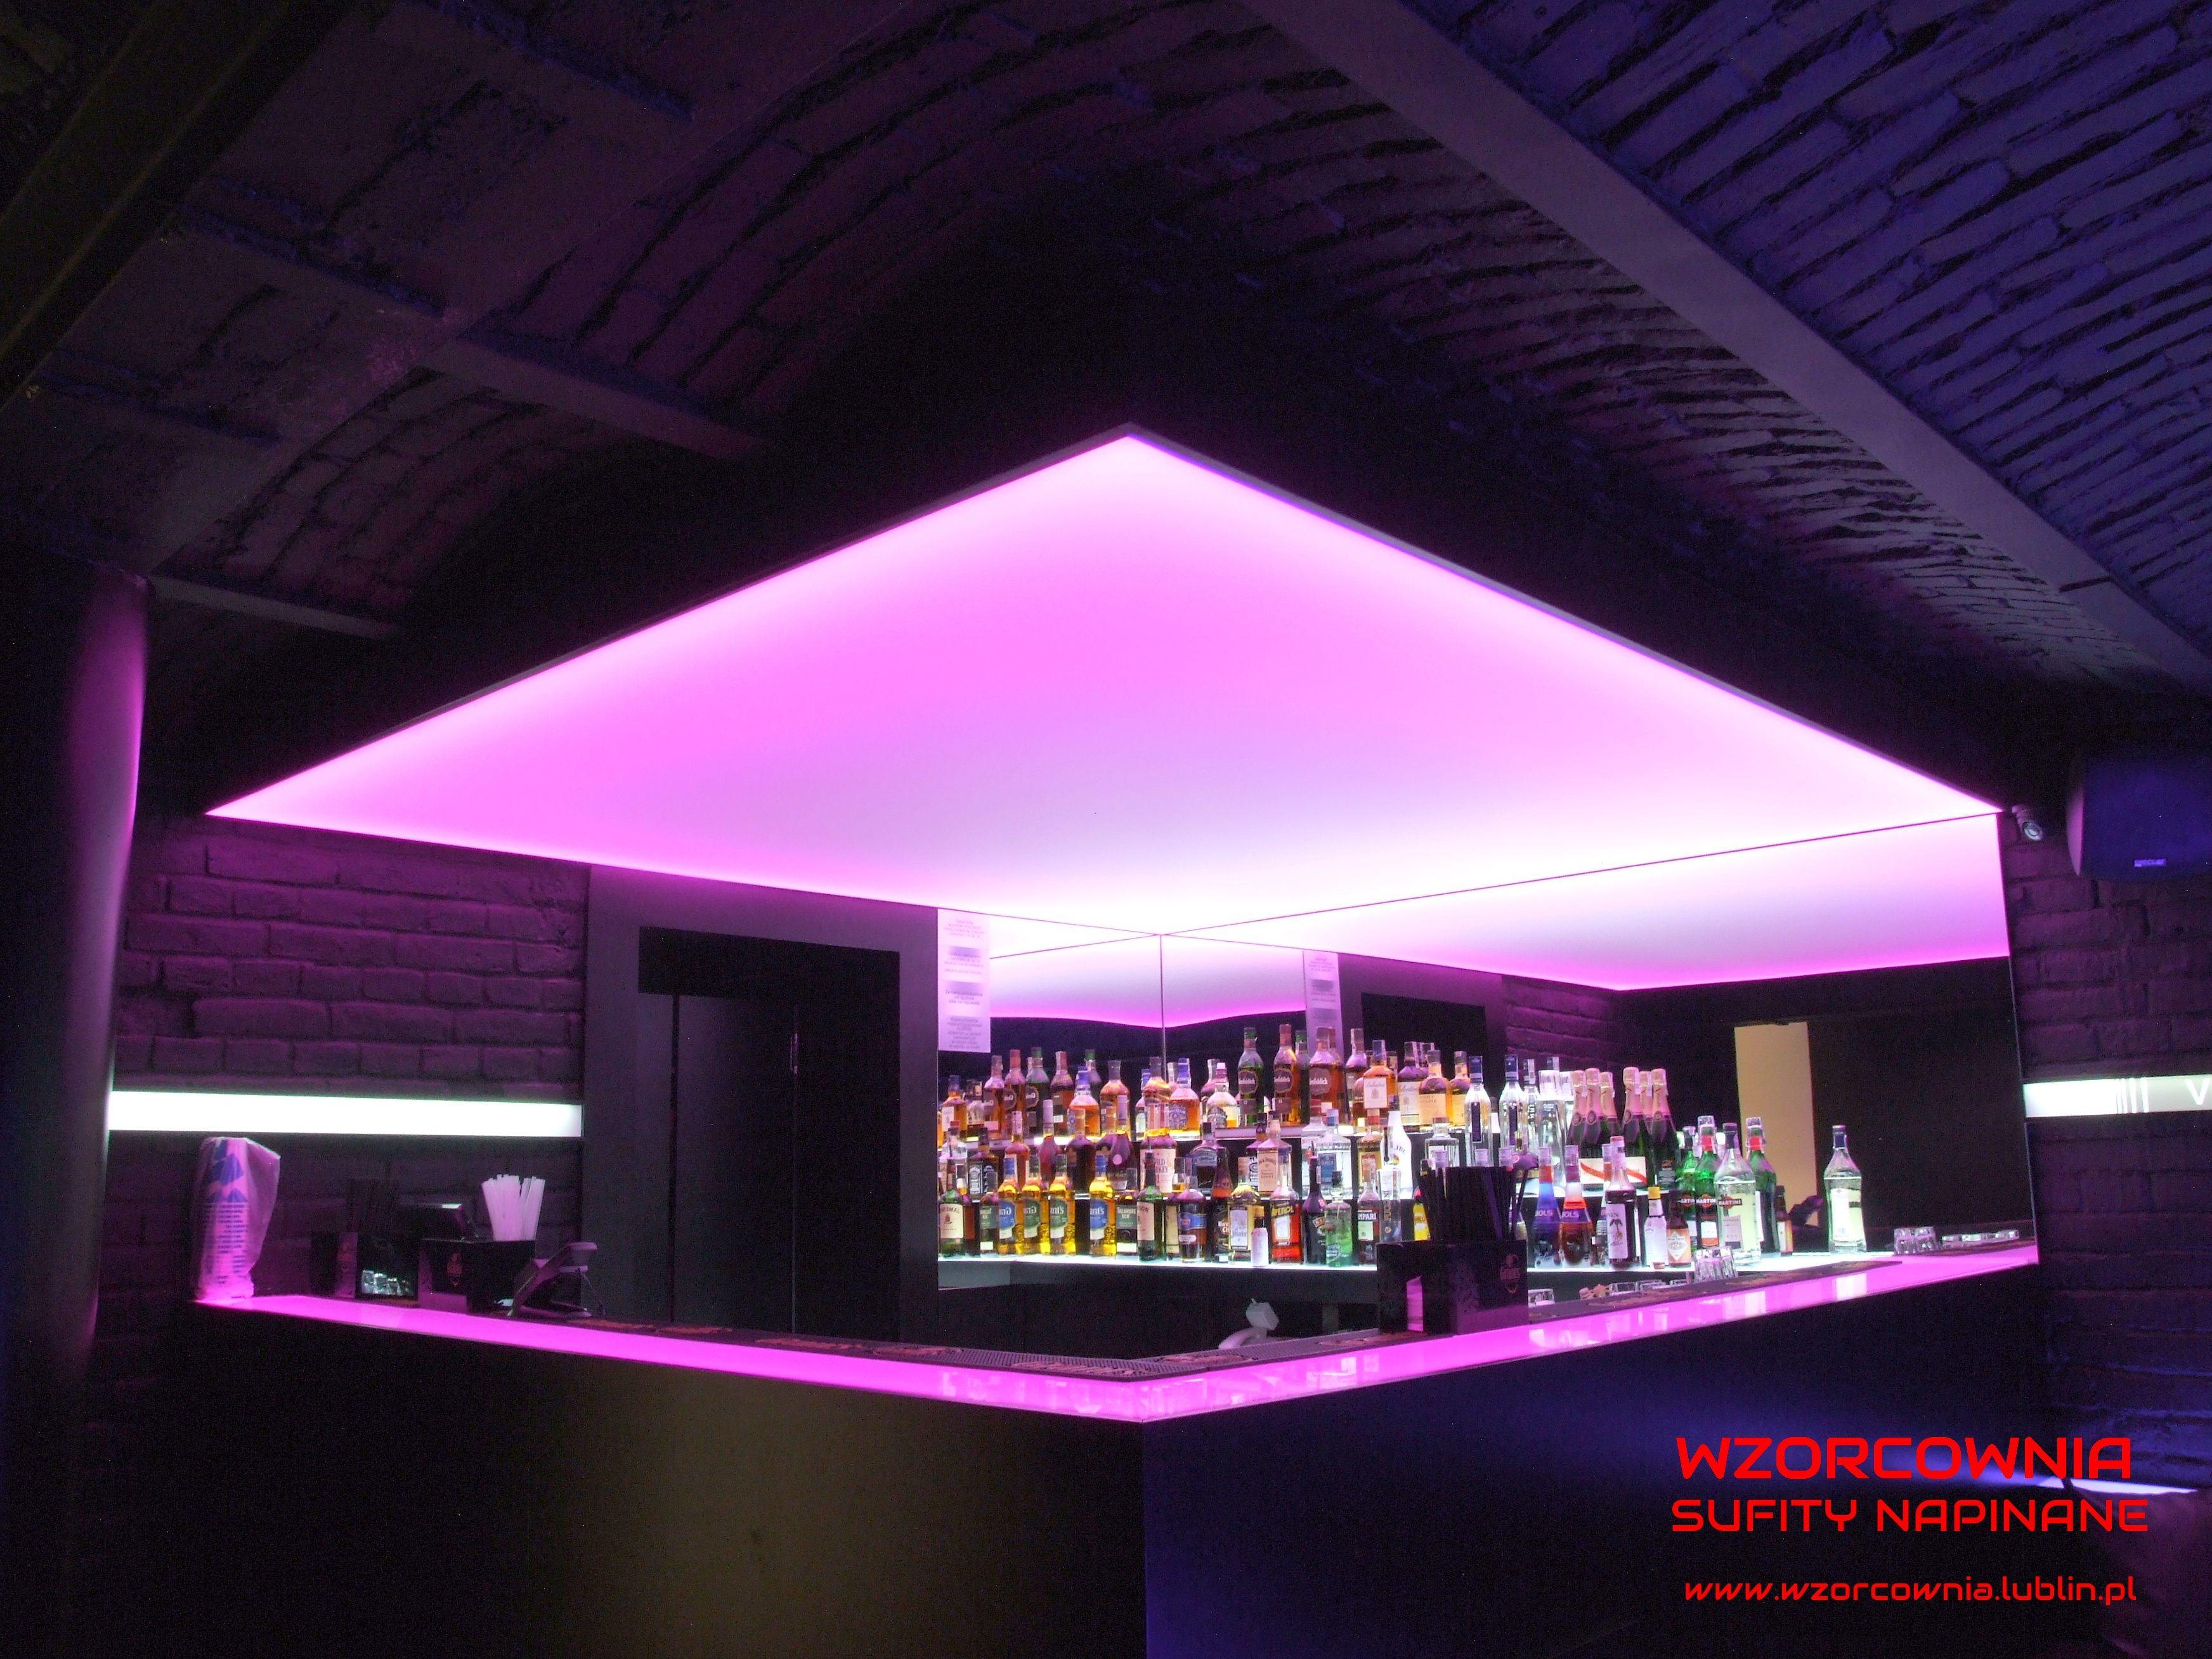 Club Soho W Lublinie  Sufit Napinany Transparentny Z Zastosowaniem  Oświetlenia LED RGB:)